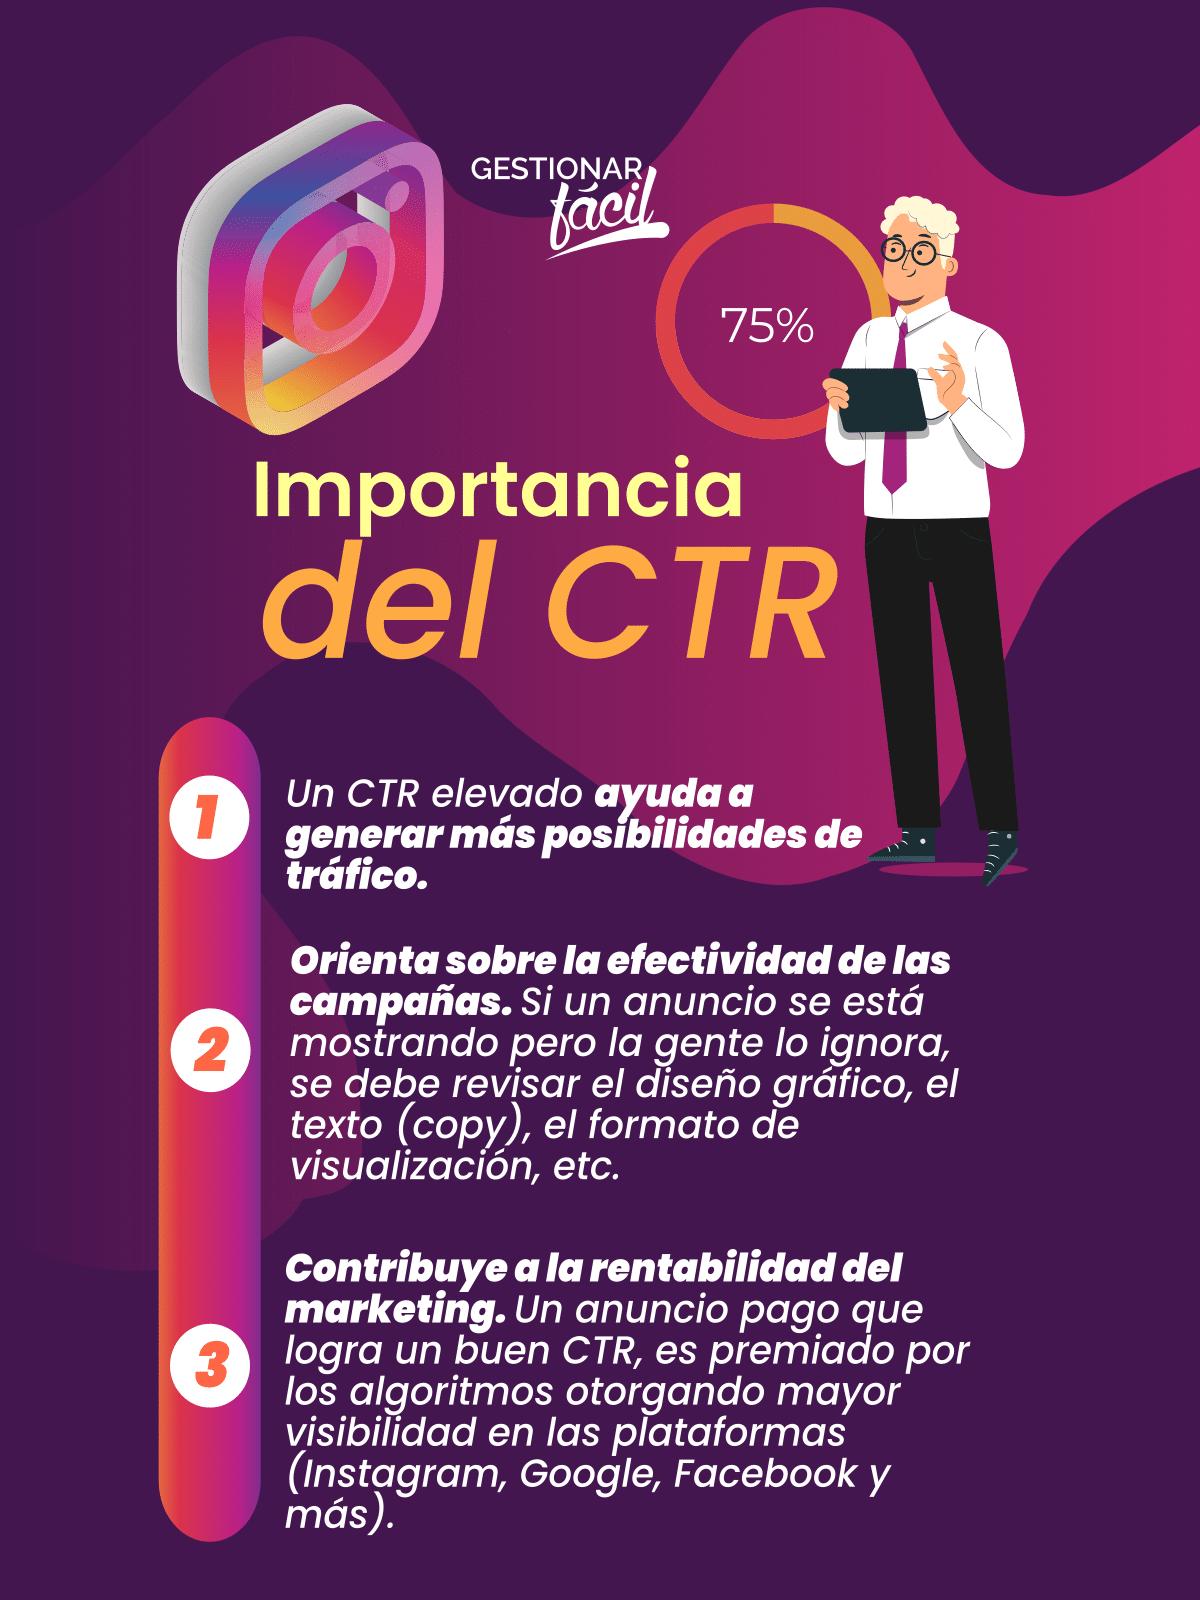 Importancia del CTR